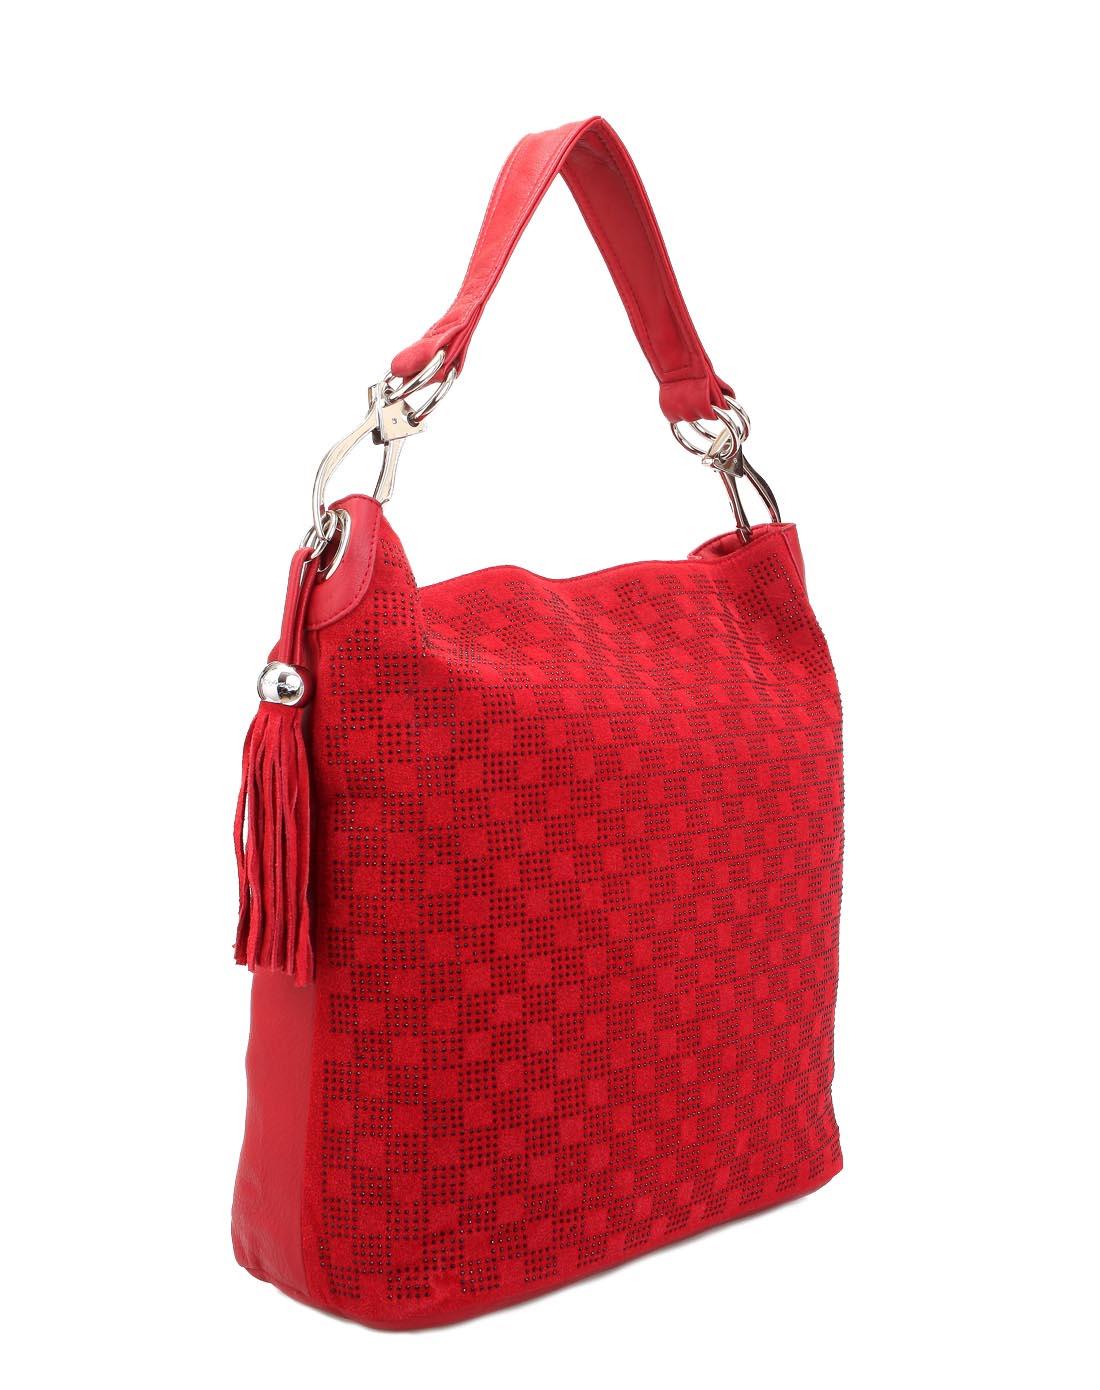 凯丝莱尔k style红色日韩磨砂质感手拎单肩斜挎